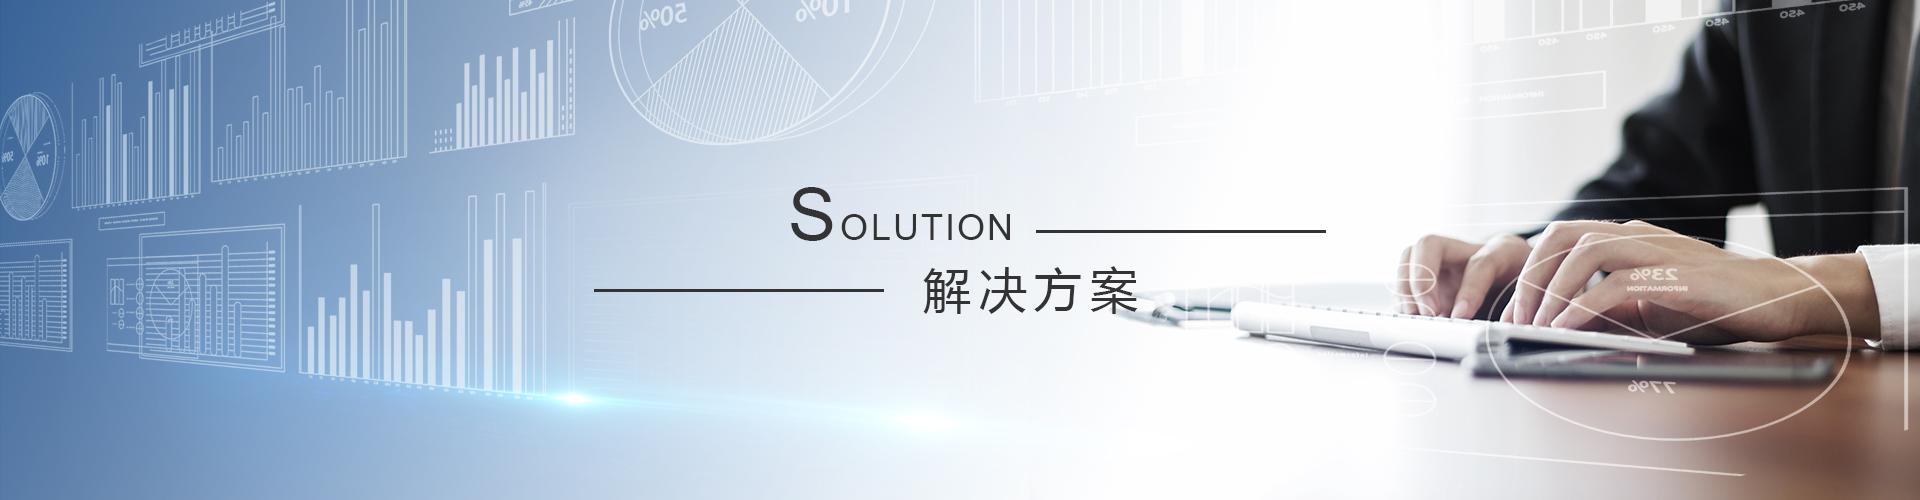 解决方案页面